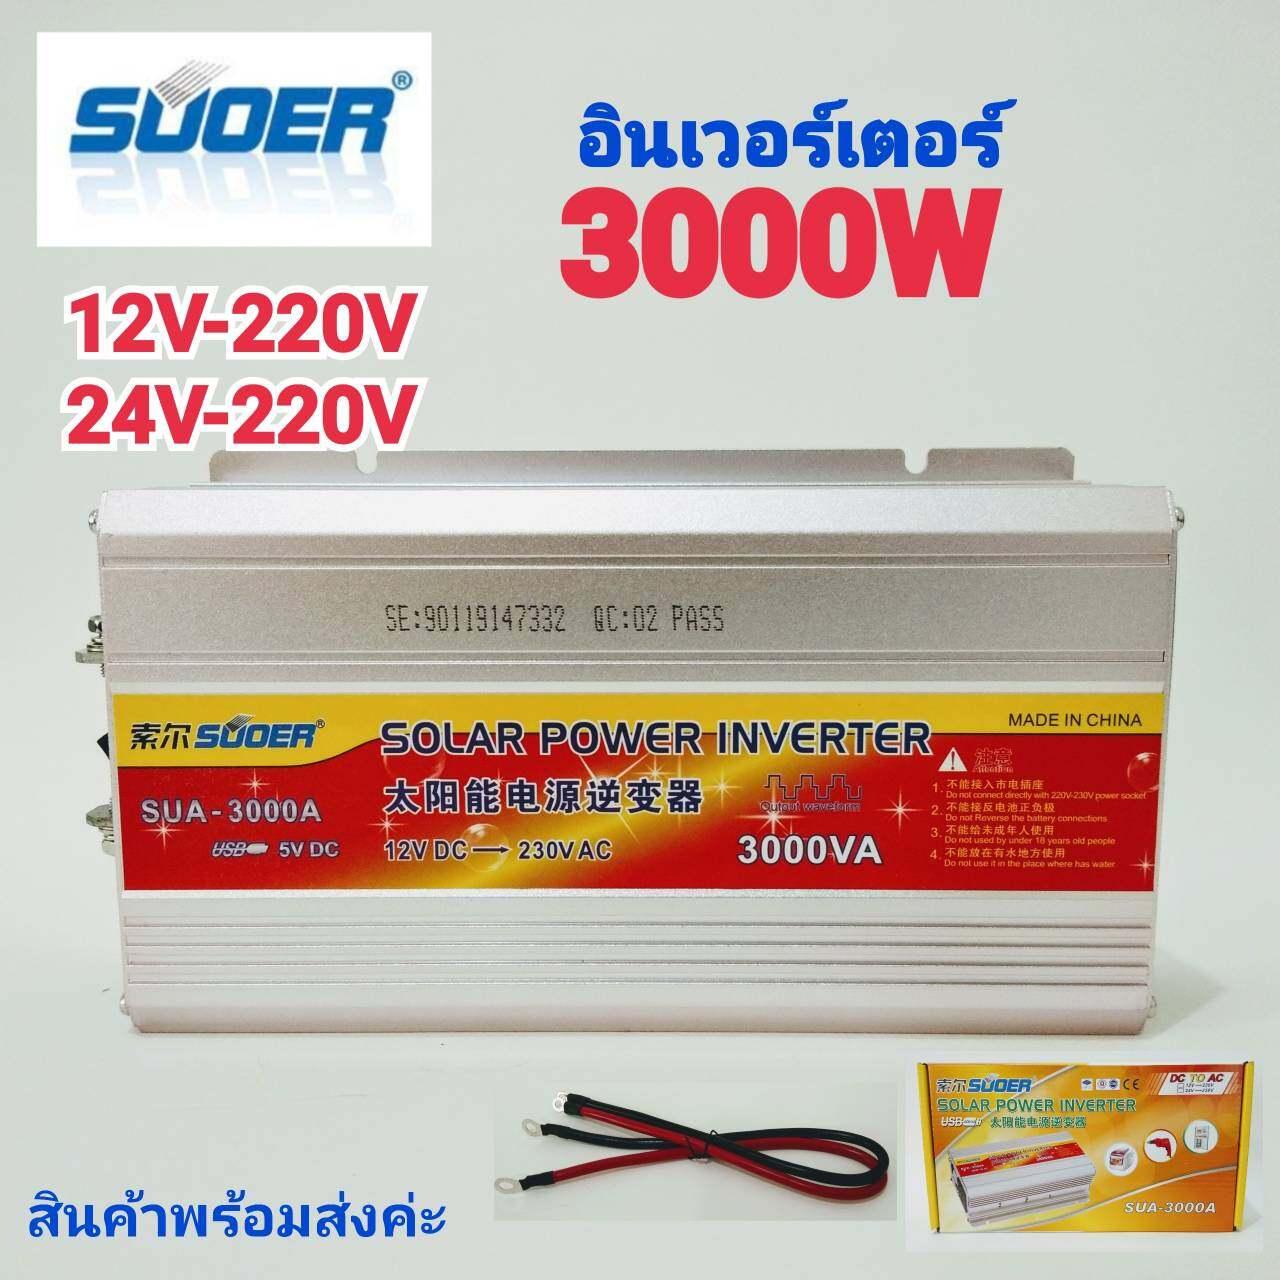 อินเวอร์เตอร์ 12v 3000w Inverter Modified Sine Wave อินเวอร์เตอร์ ตัวแปลงไฟ 12v เป็น 220v.